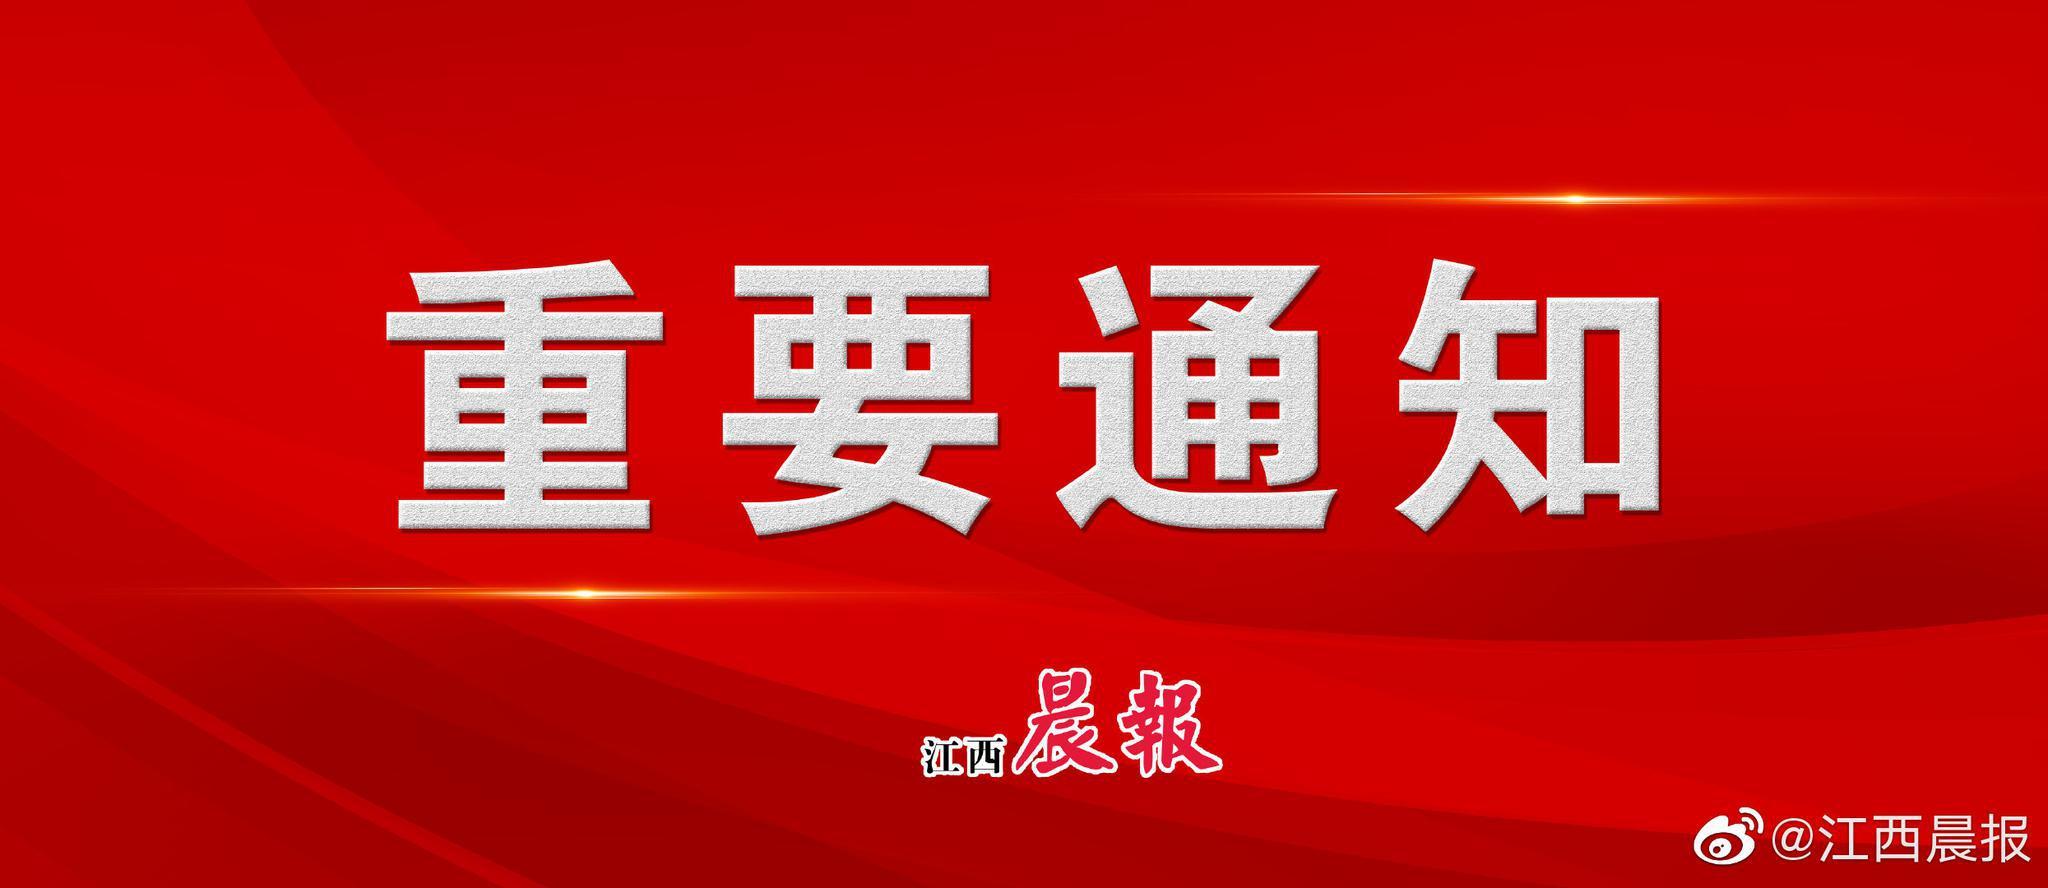 省总工会发放特殊慰问生活补助券,最高标准为每名职工300元